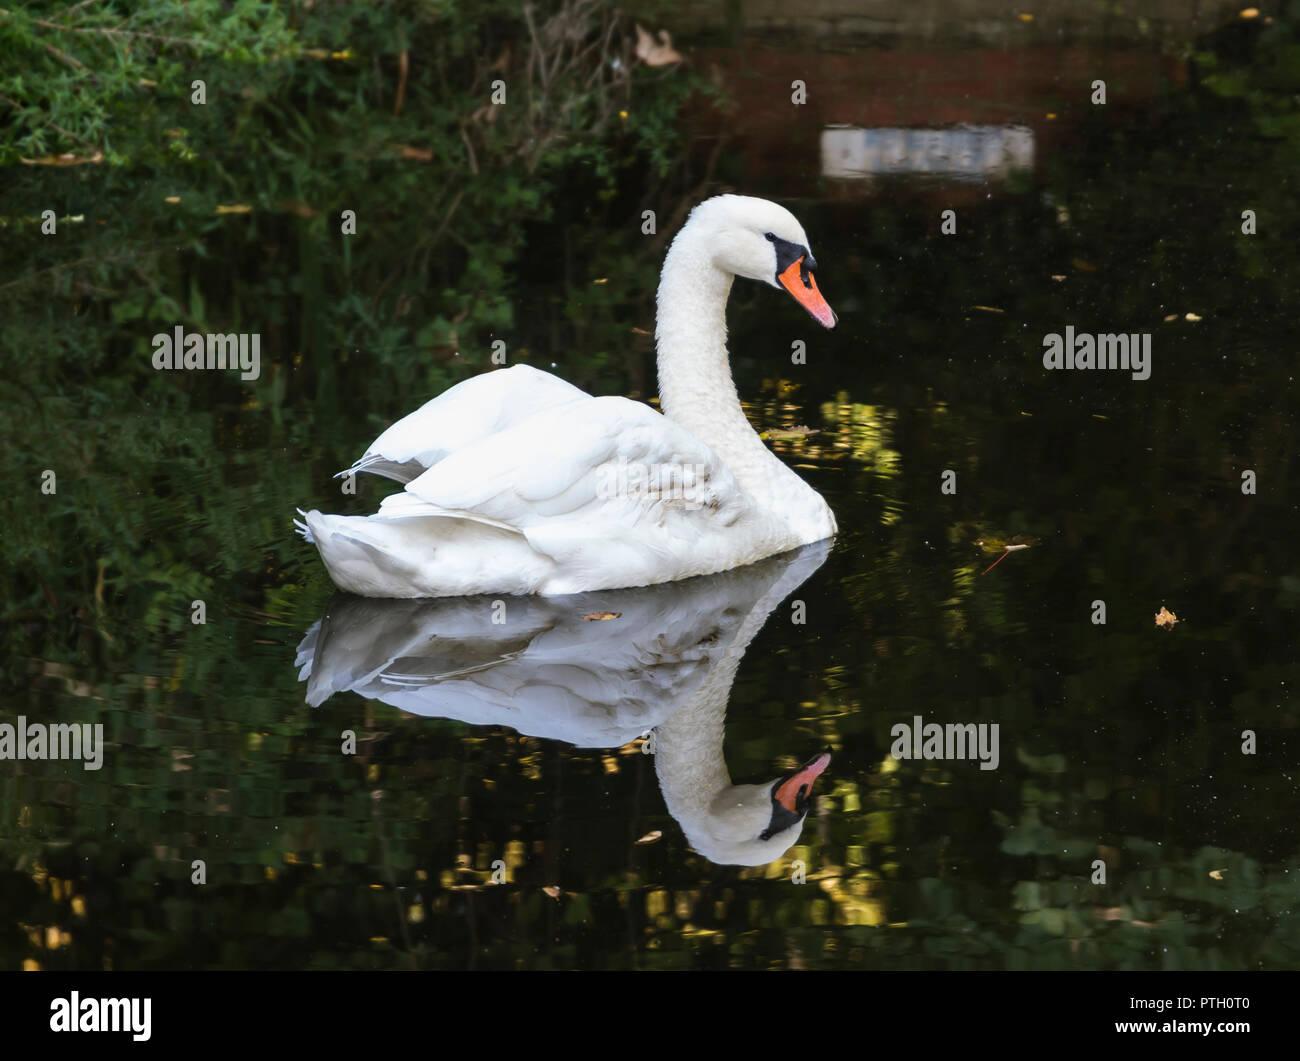 Adulto bianco Cigno (Cygnus olor), vista laterale, nuoto in acqua con riflesso perfetto in autunno nel West Sussex, in Inghilterra, Regno Unito. Immagini Stock